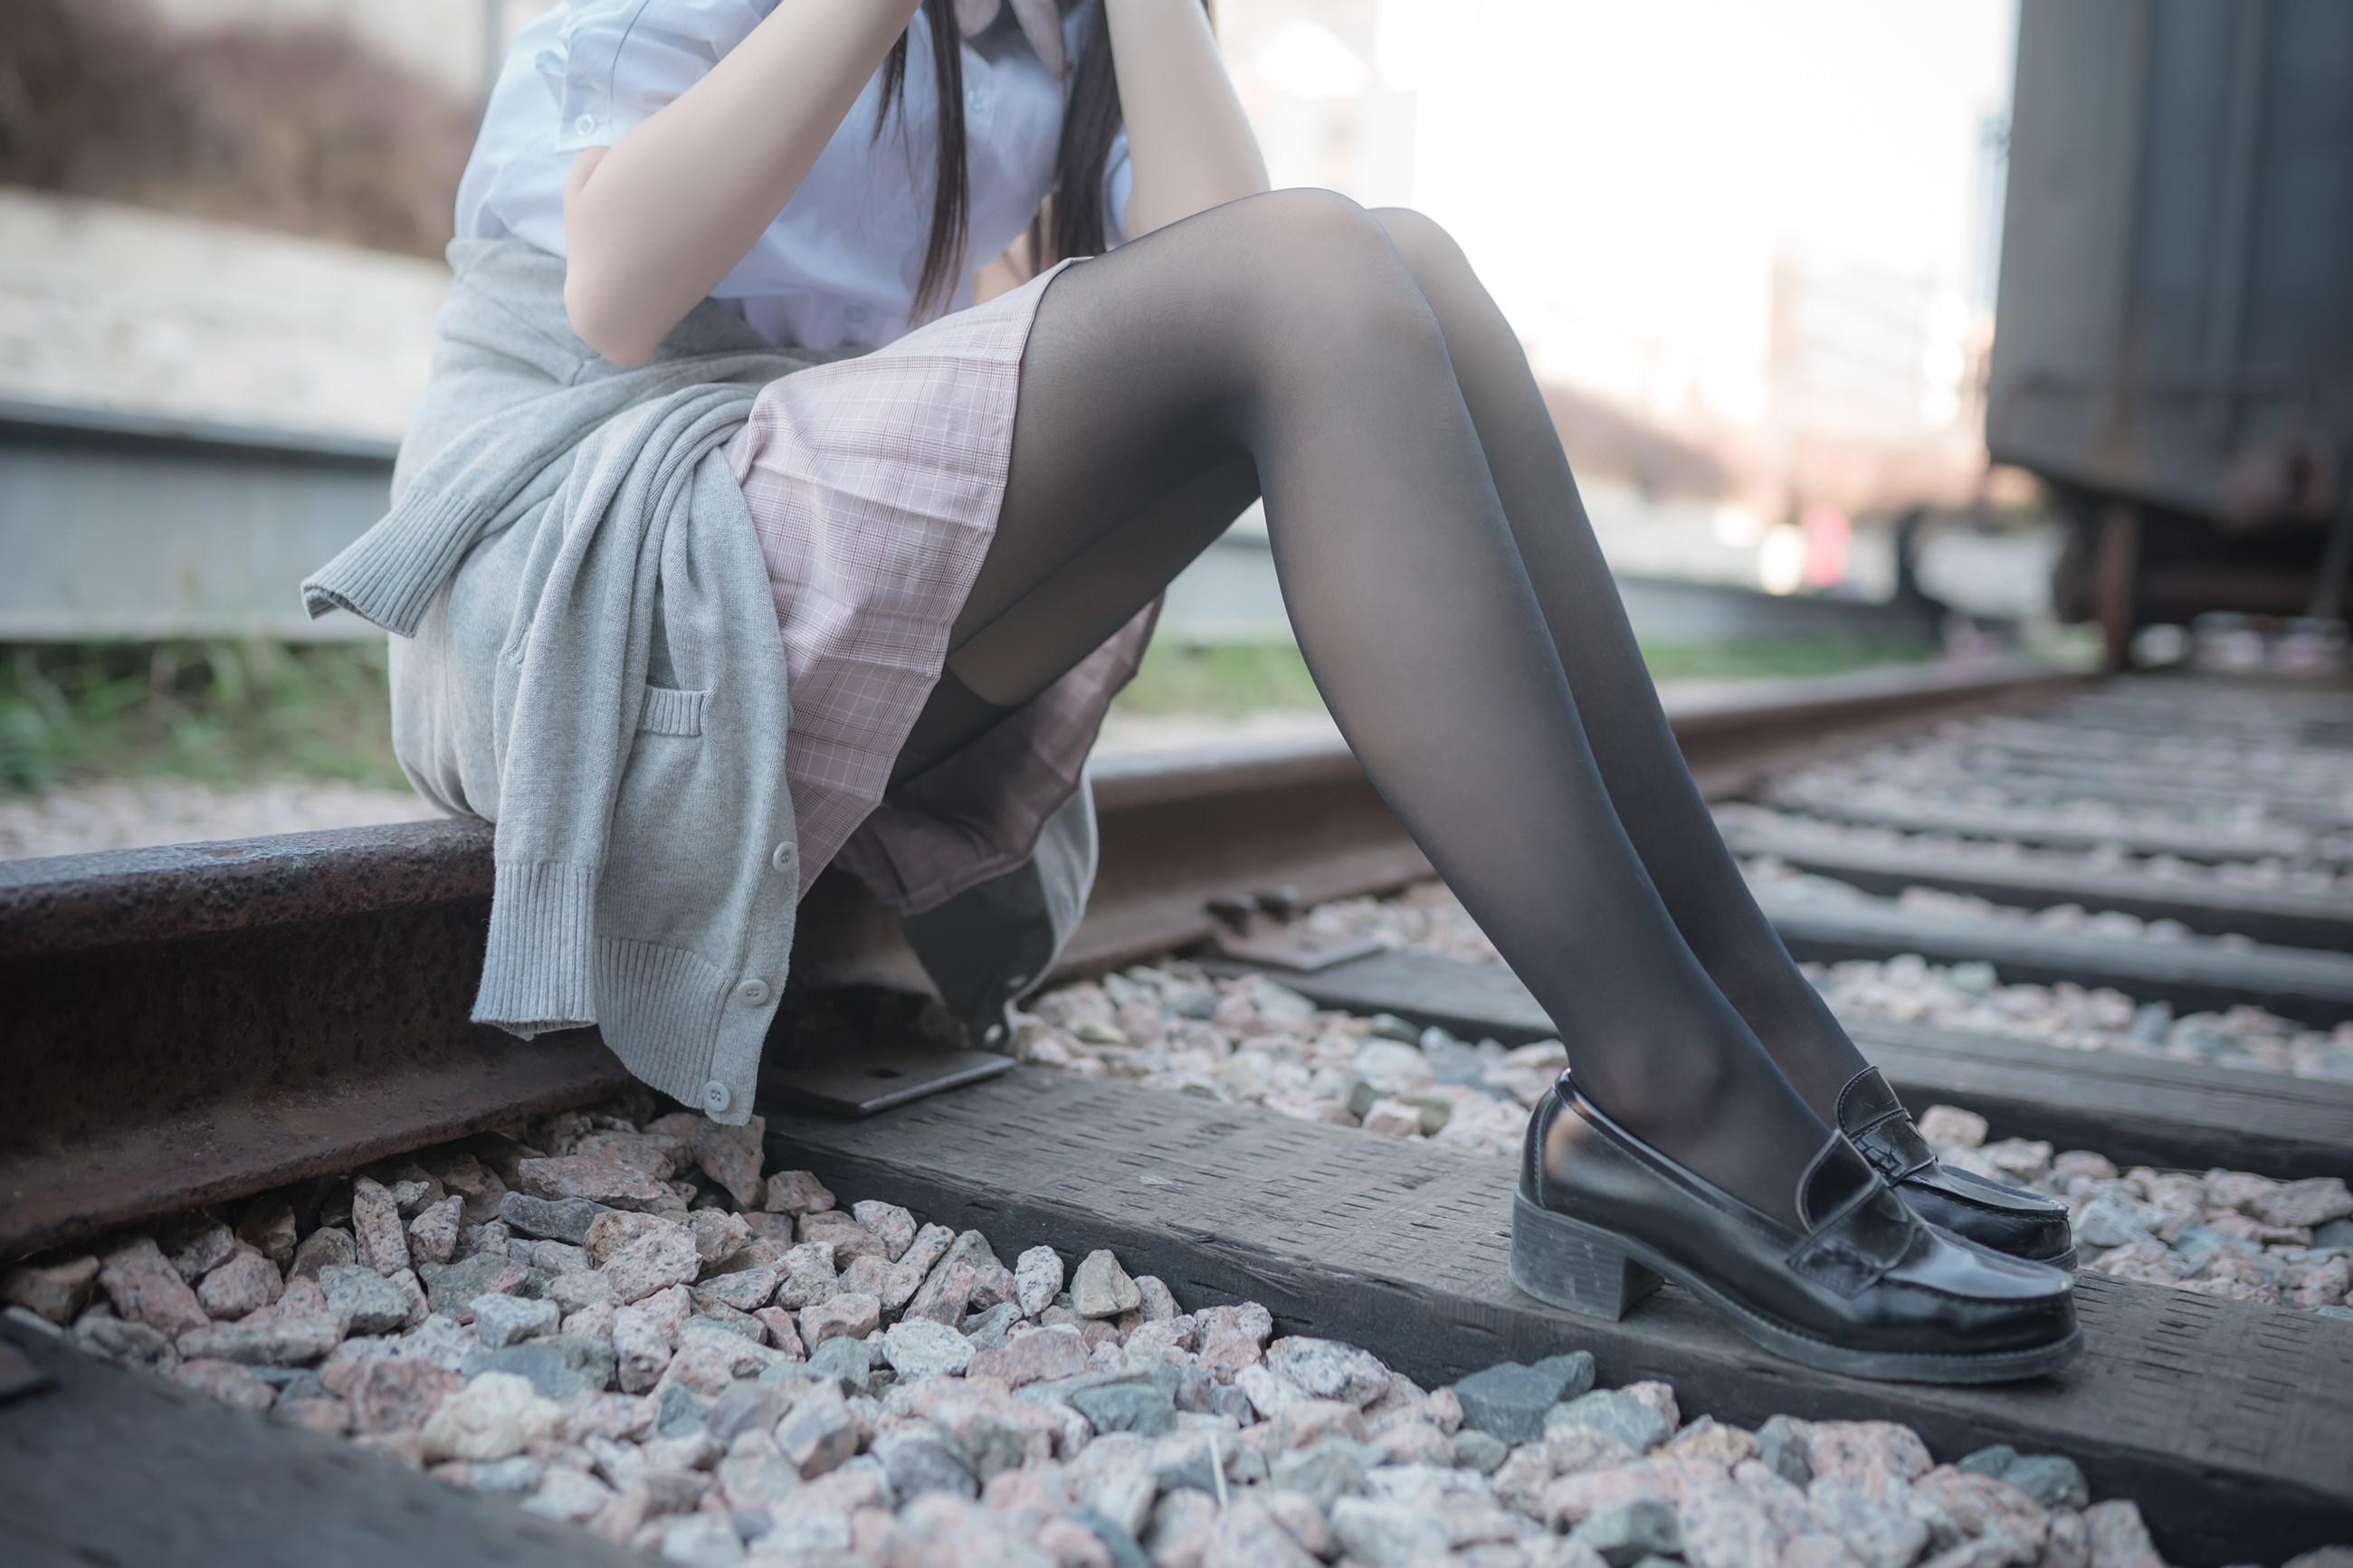 【兔玩映画】铁轨旁的小细腿 兔玩映画 第9张